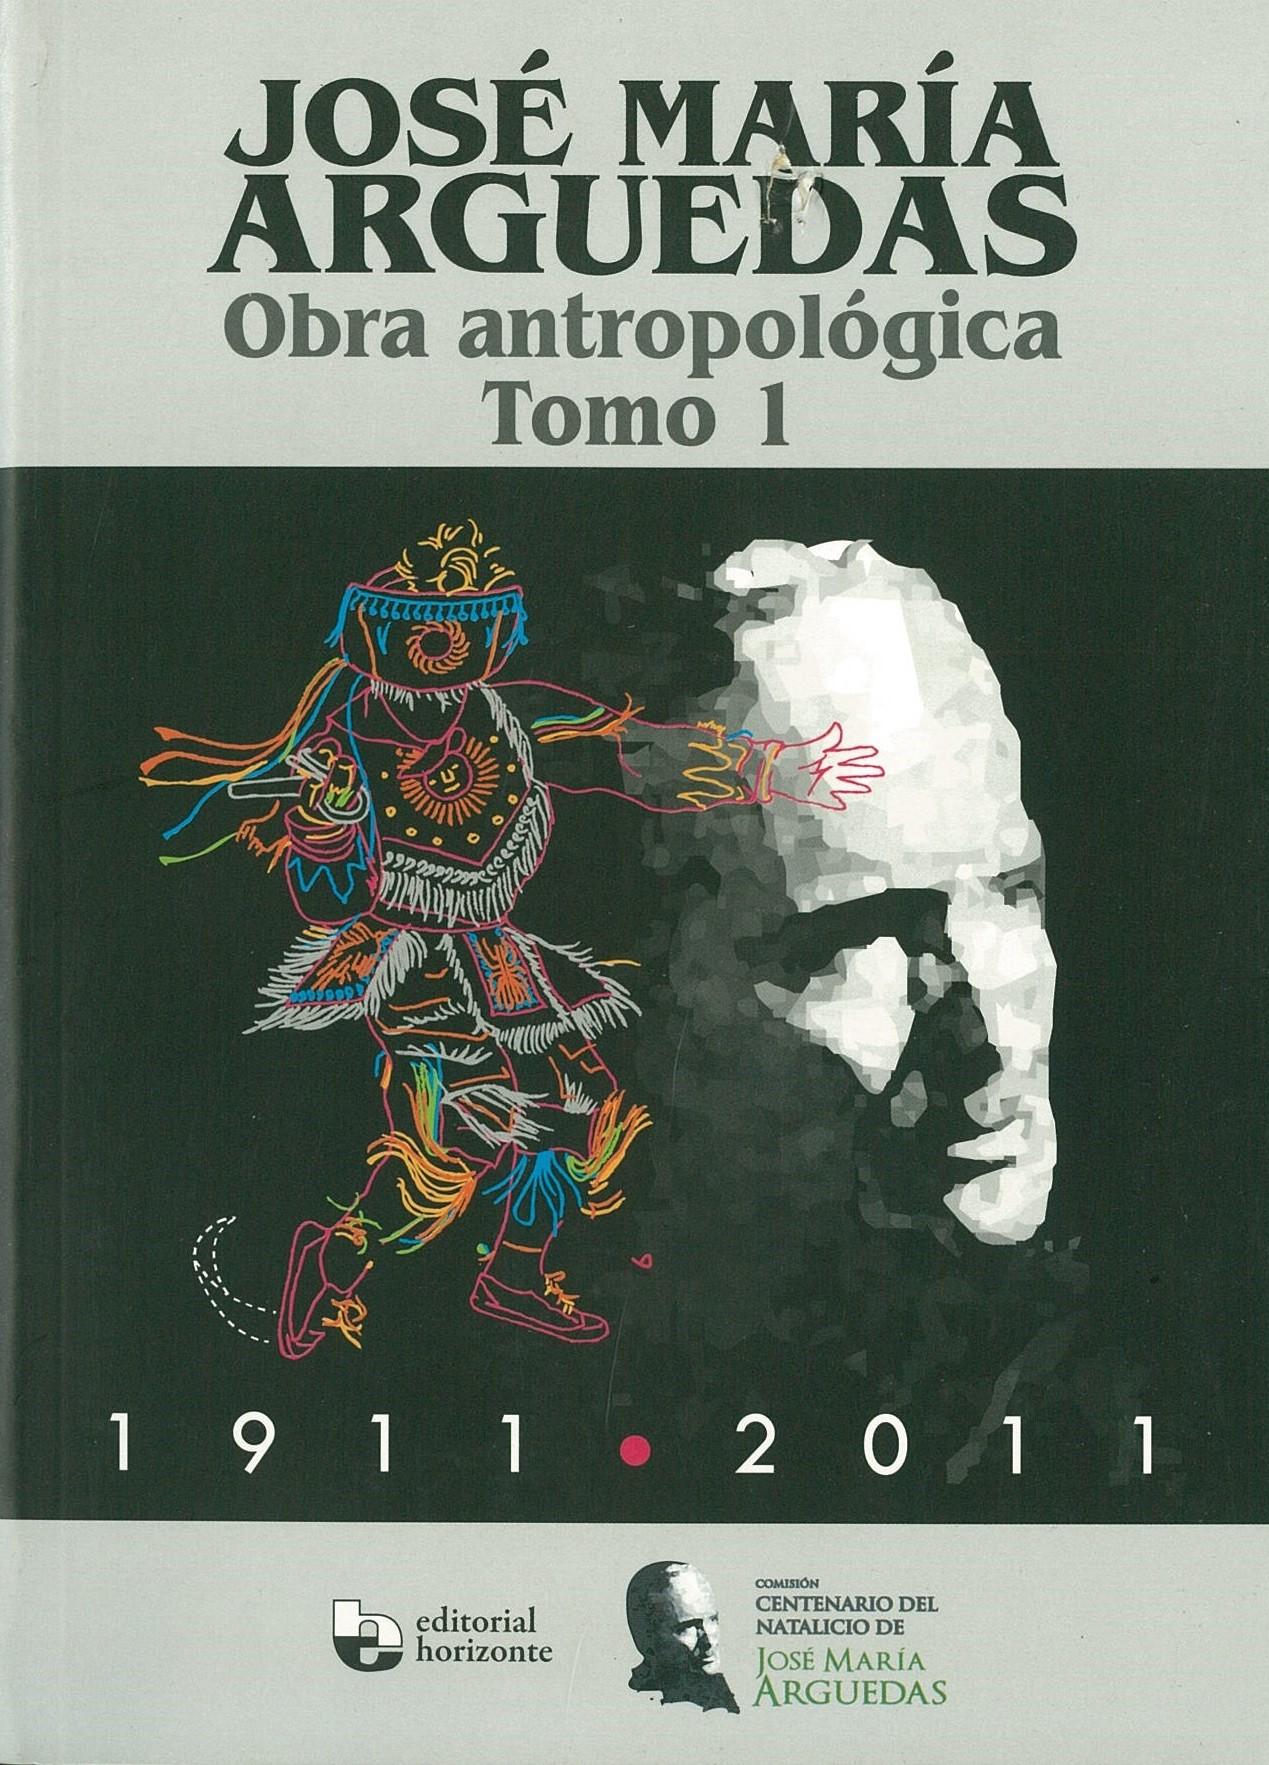 José María Arguedas Obra antropológica VII Tomos